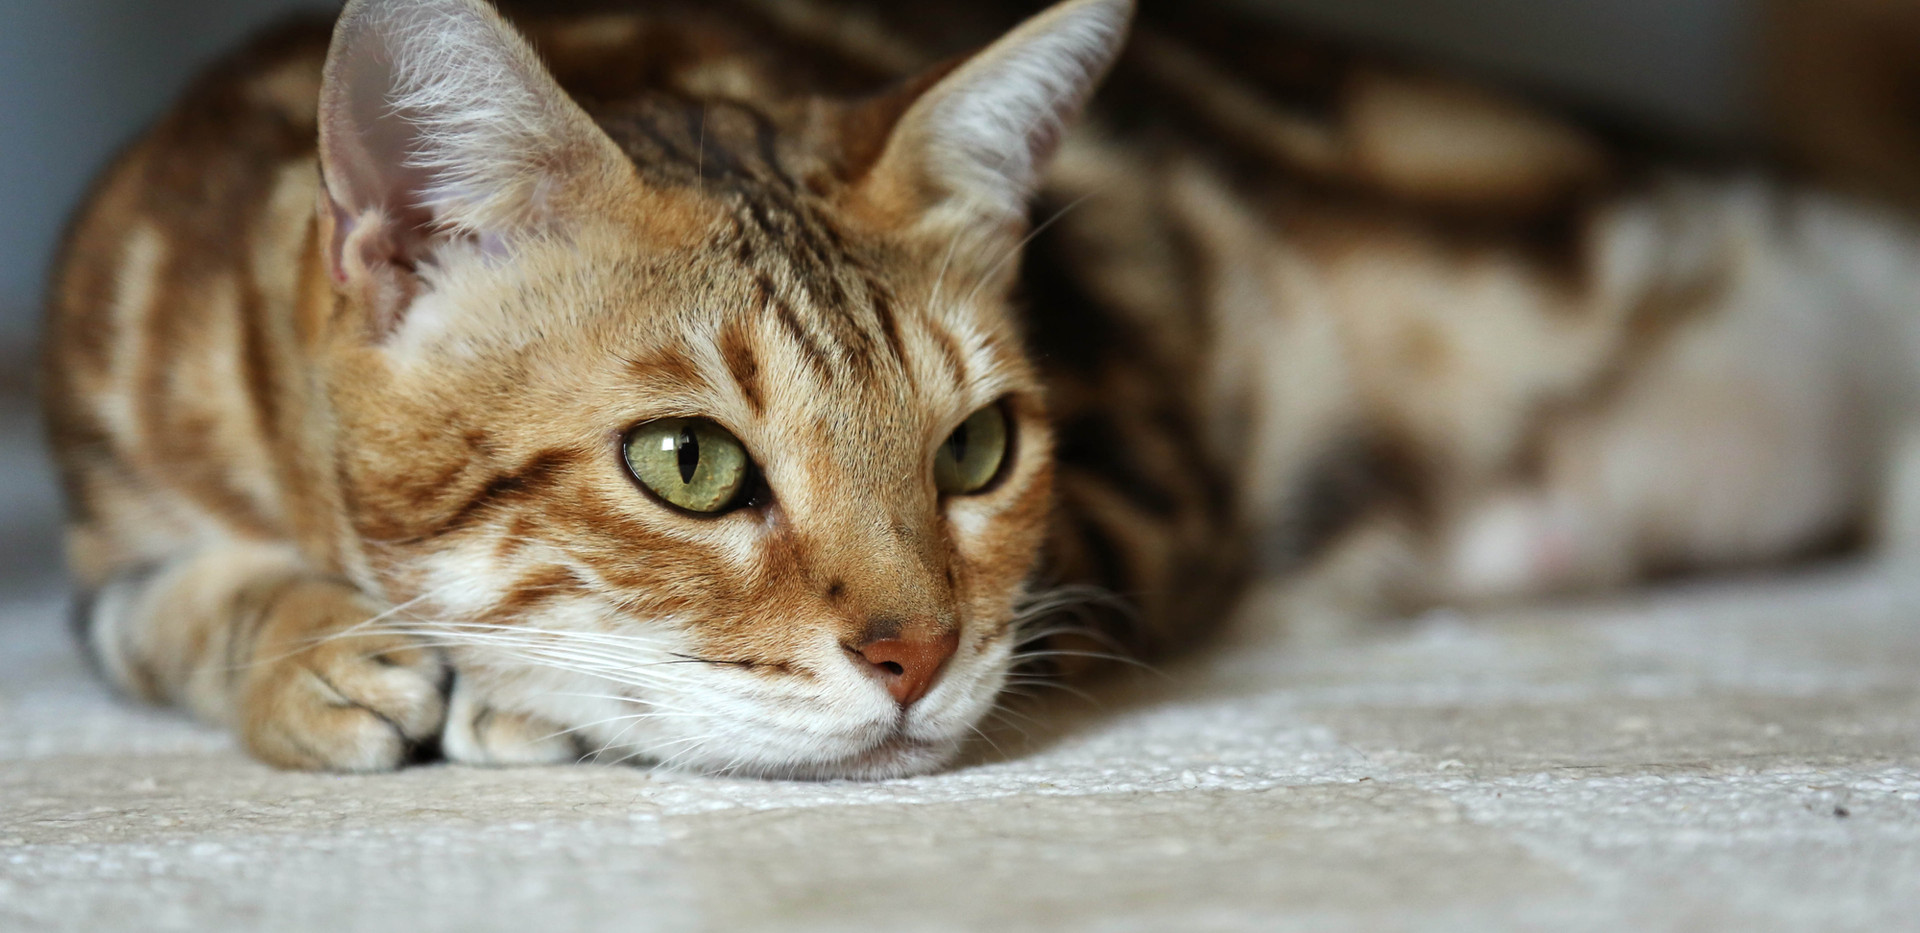 whited bengal cat